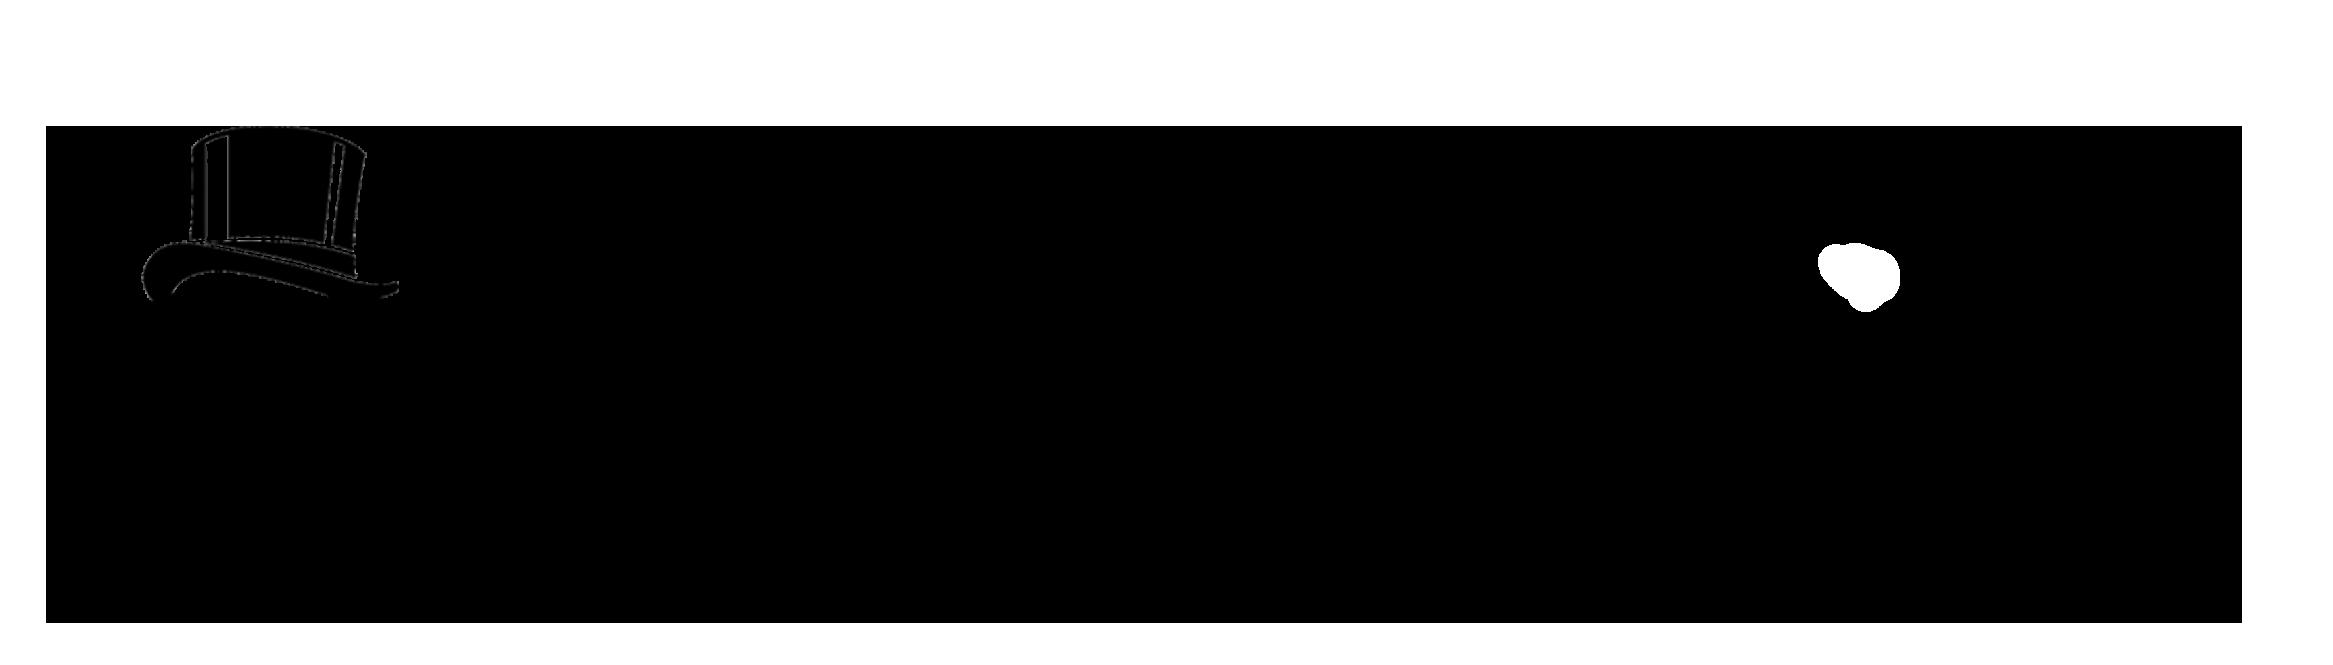 Profotobox